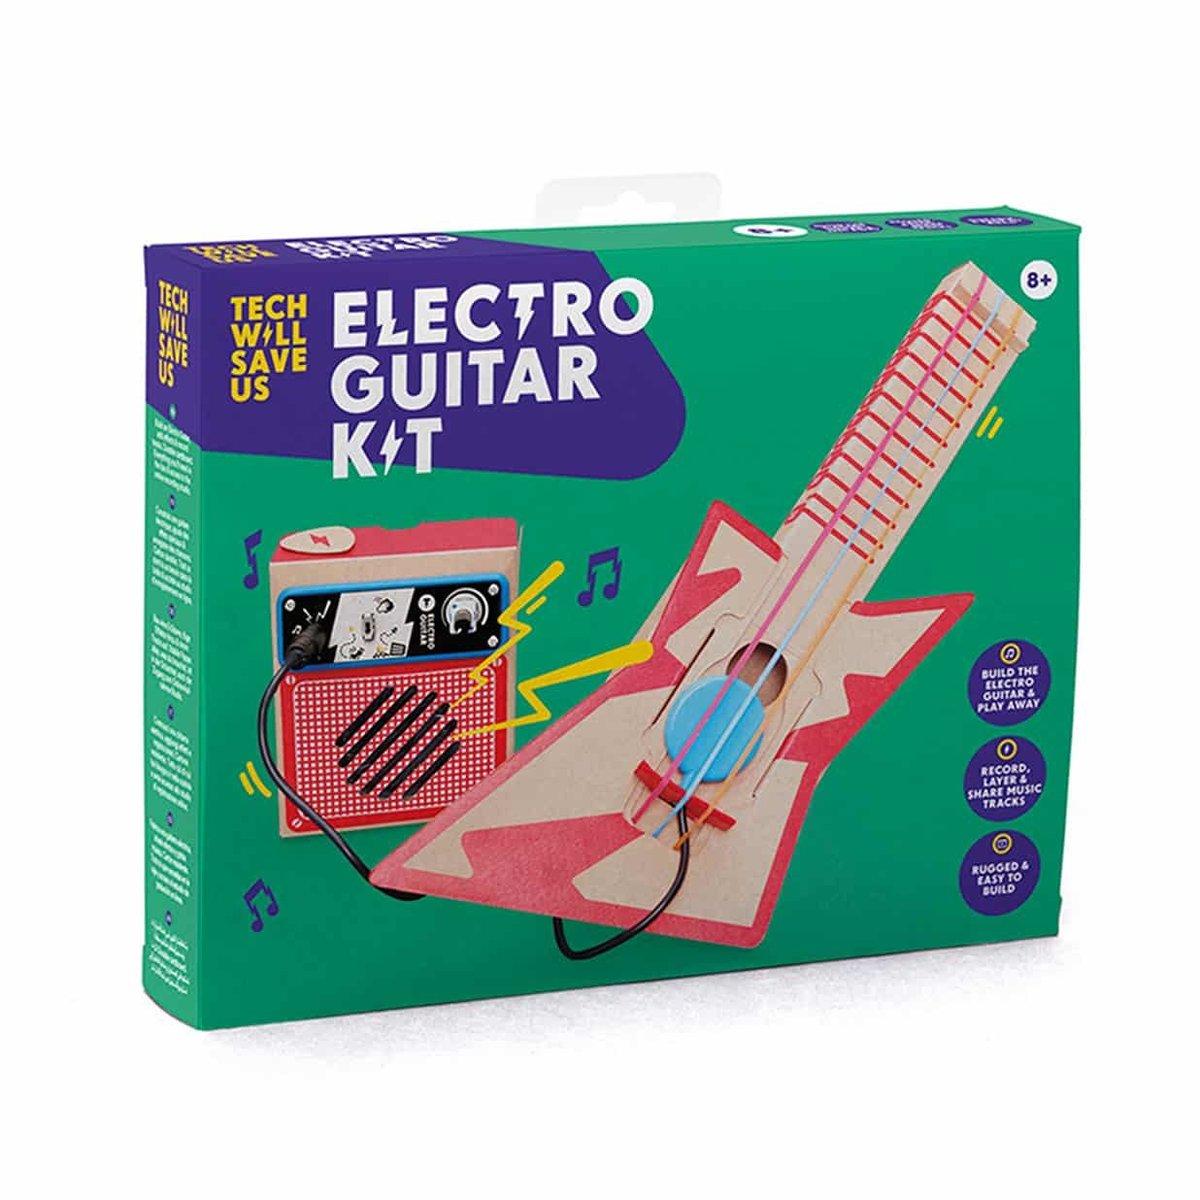 UK STEM Toy -Electro Guitar Kit